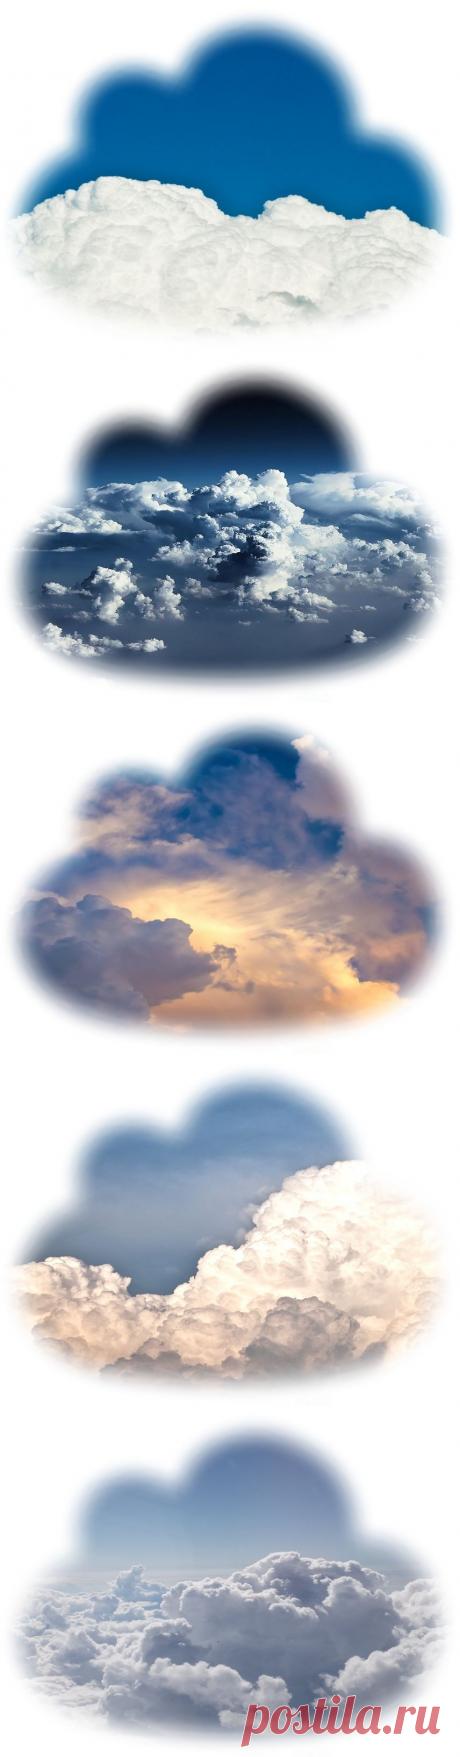 К чему могут сниться тучи и облака? Сонник — К чему снятся тучи и облака?